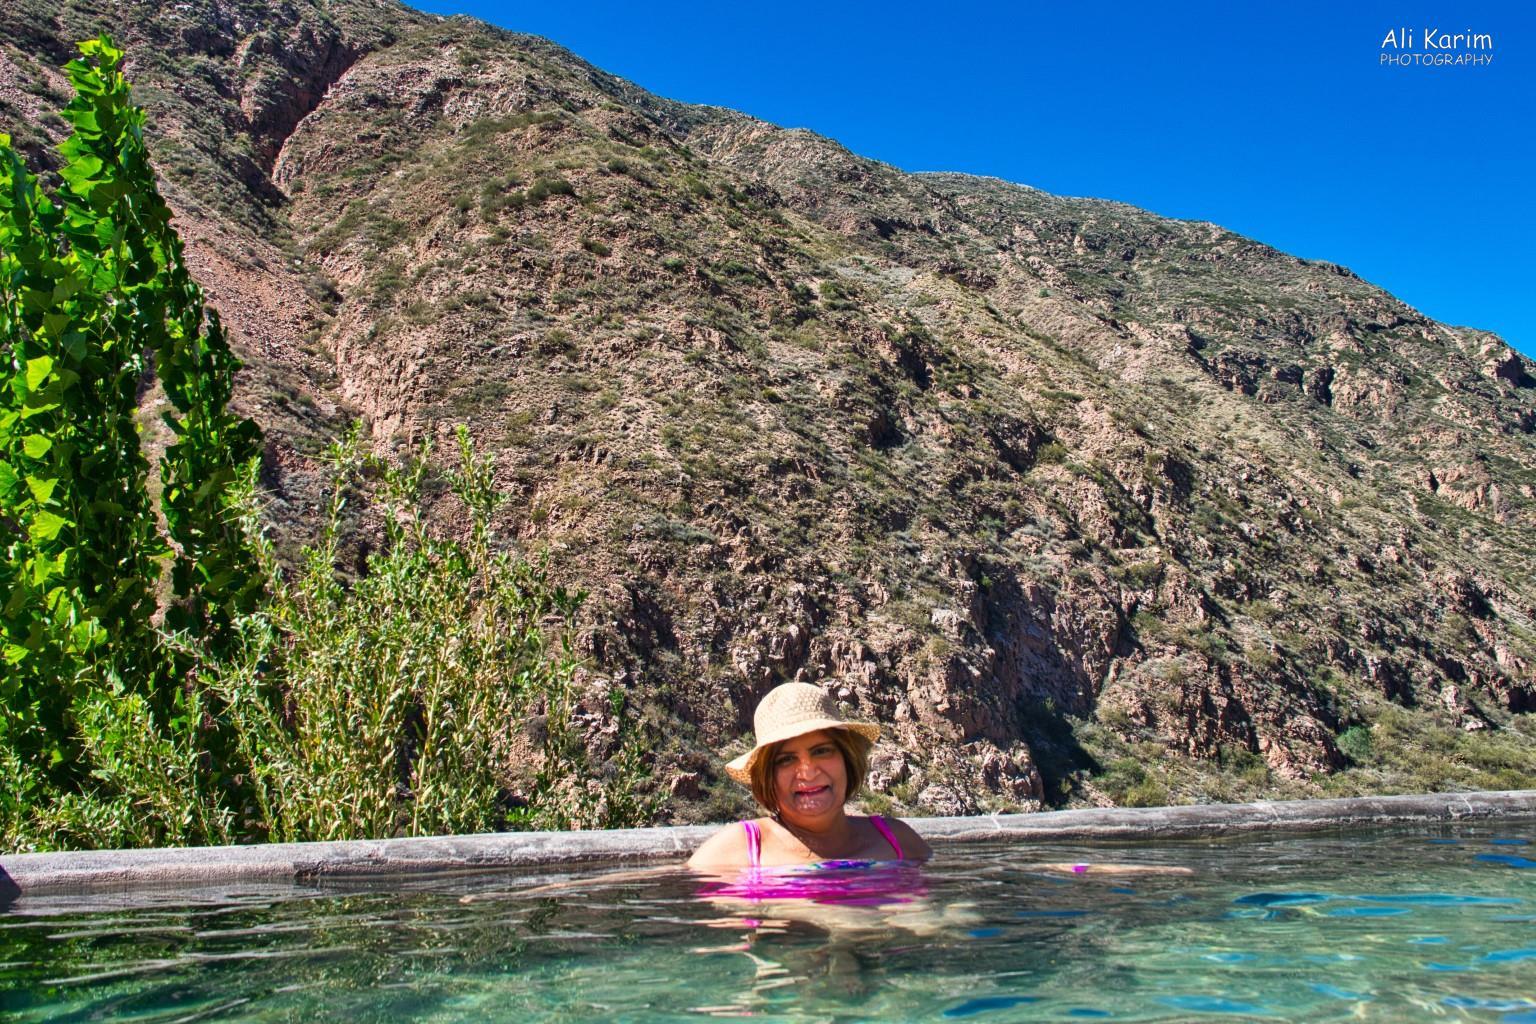 Mendoza, Argentina Enjoying the natural thermal spring water